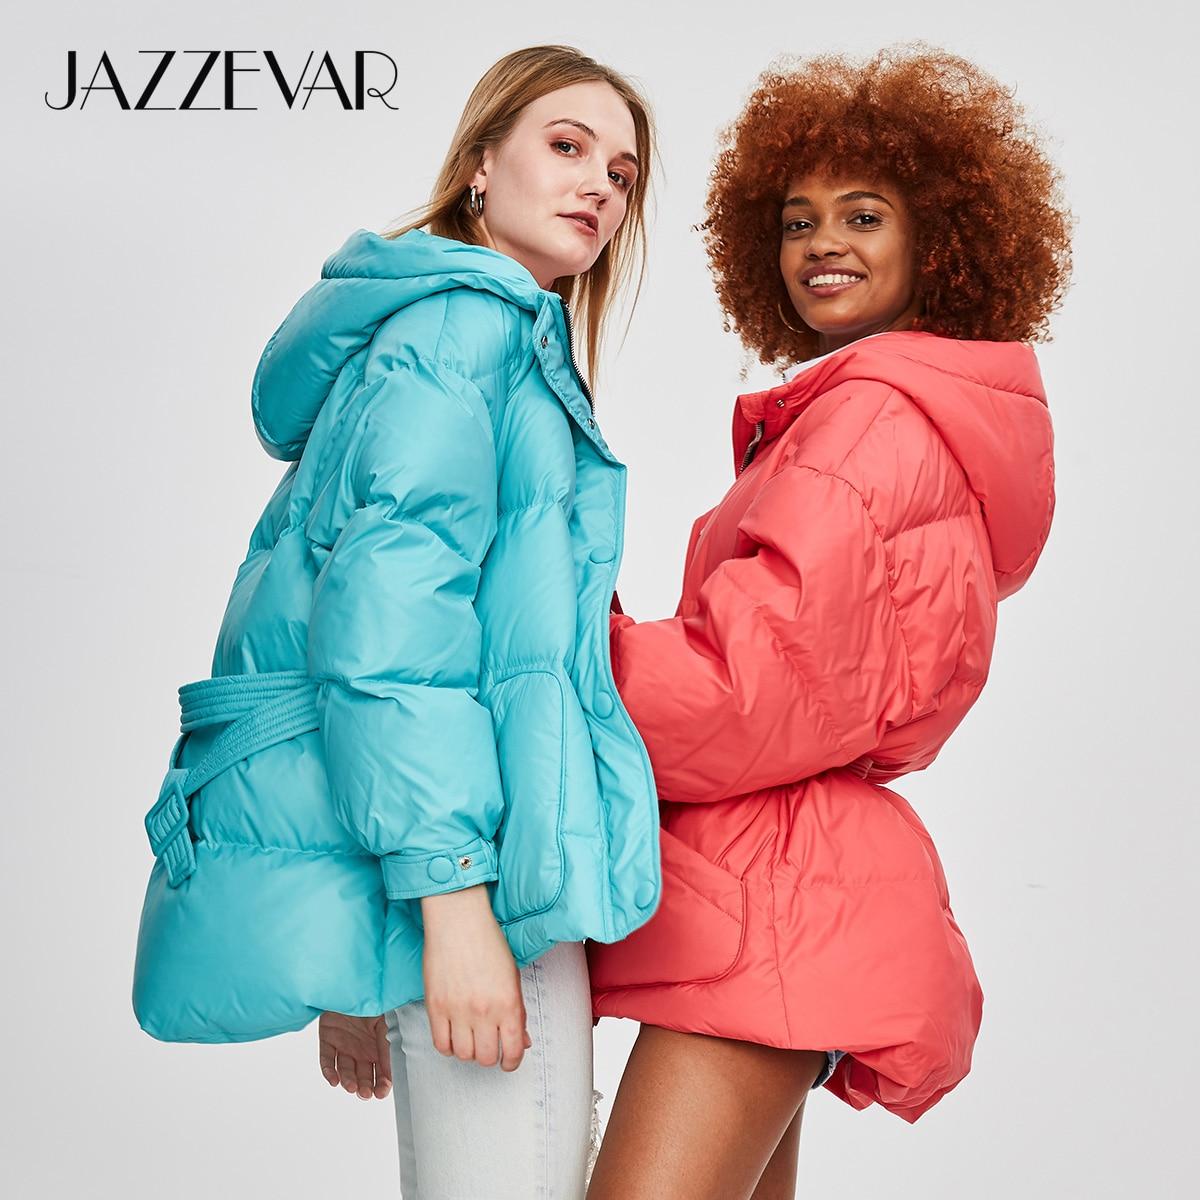 JAZZEVAR 2019 hiver nouveau Fashion Street Designer marque femmes blanc canard doudoune joli vêtement d'extérieur pour filles manteau avec ceinture